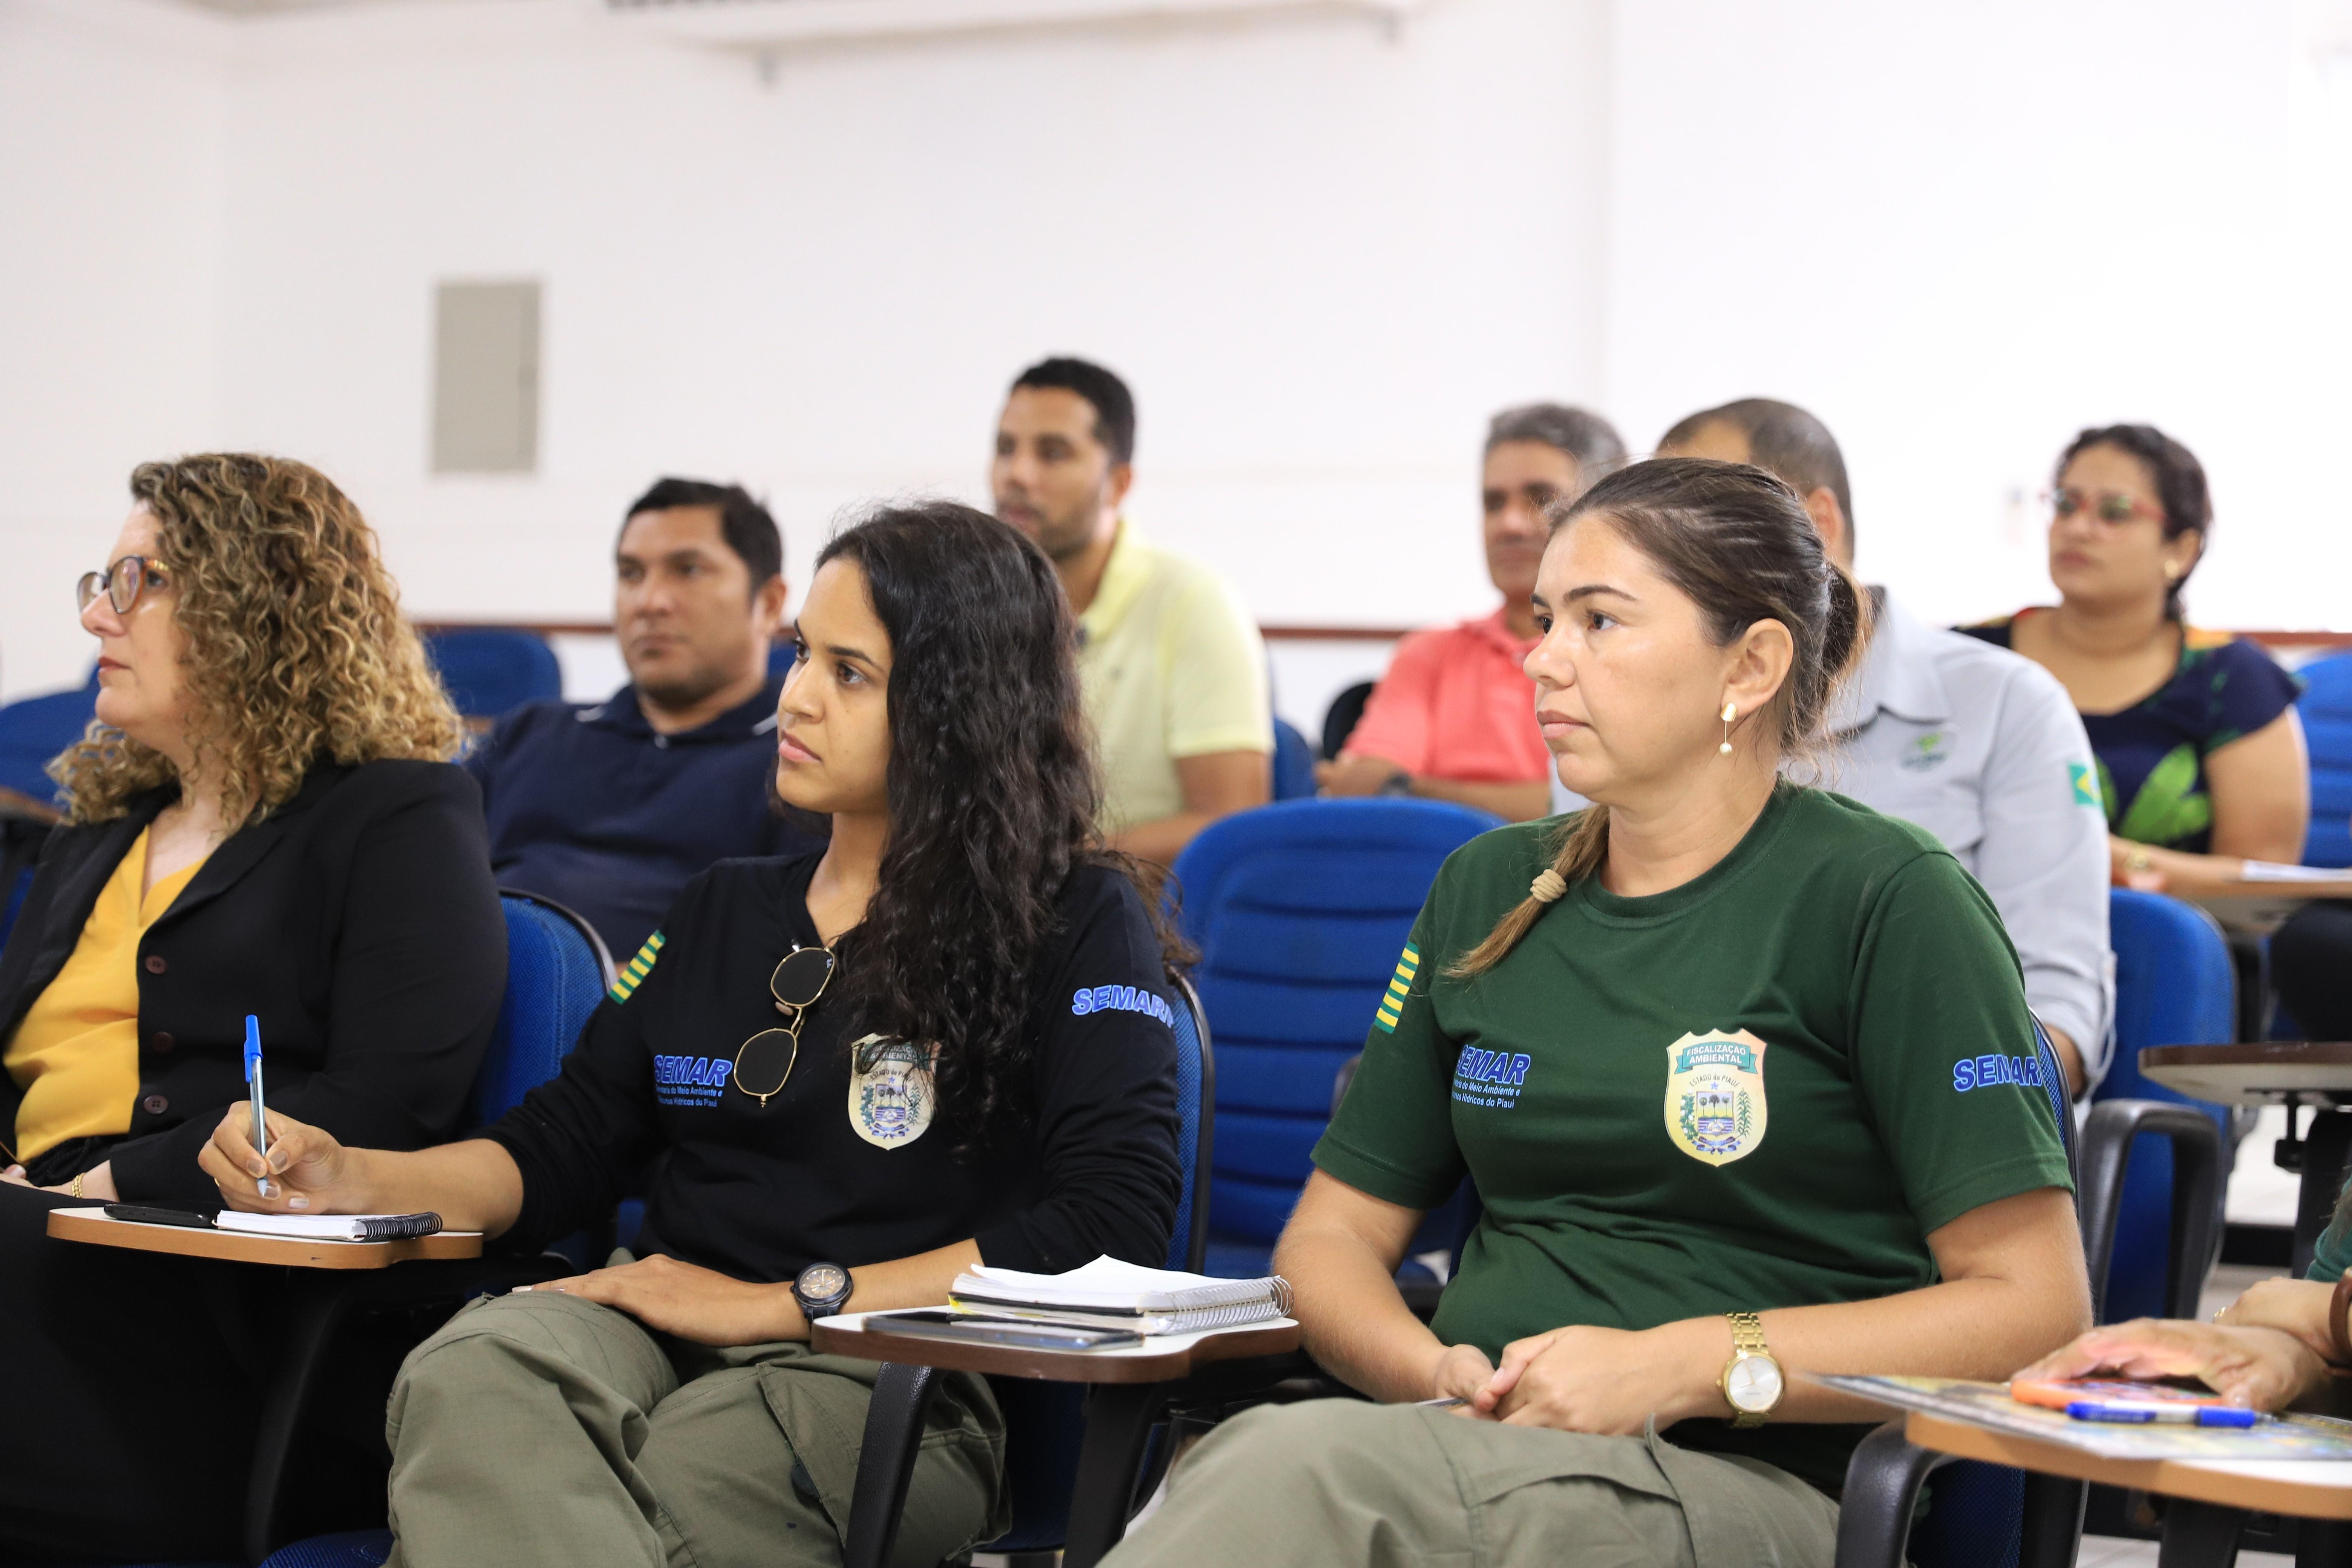 Reunião da Semar discute atuação das prefeituras e órgãos sobre manchas de óleo no Litoral do PI - Notícias - Plantão Diário